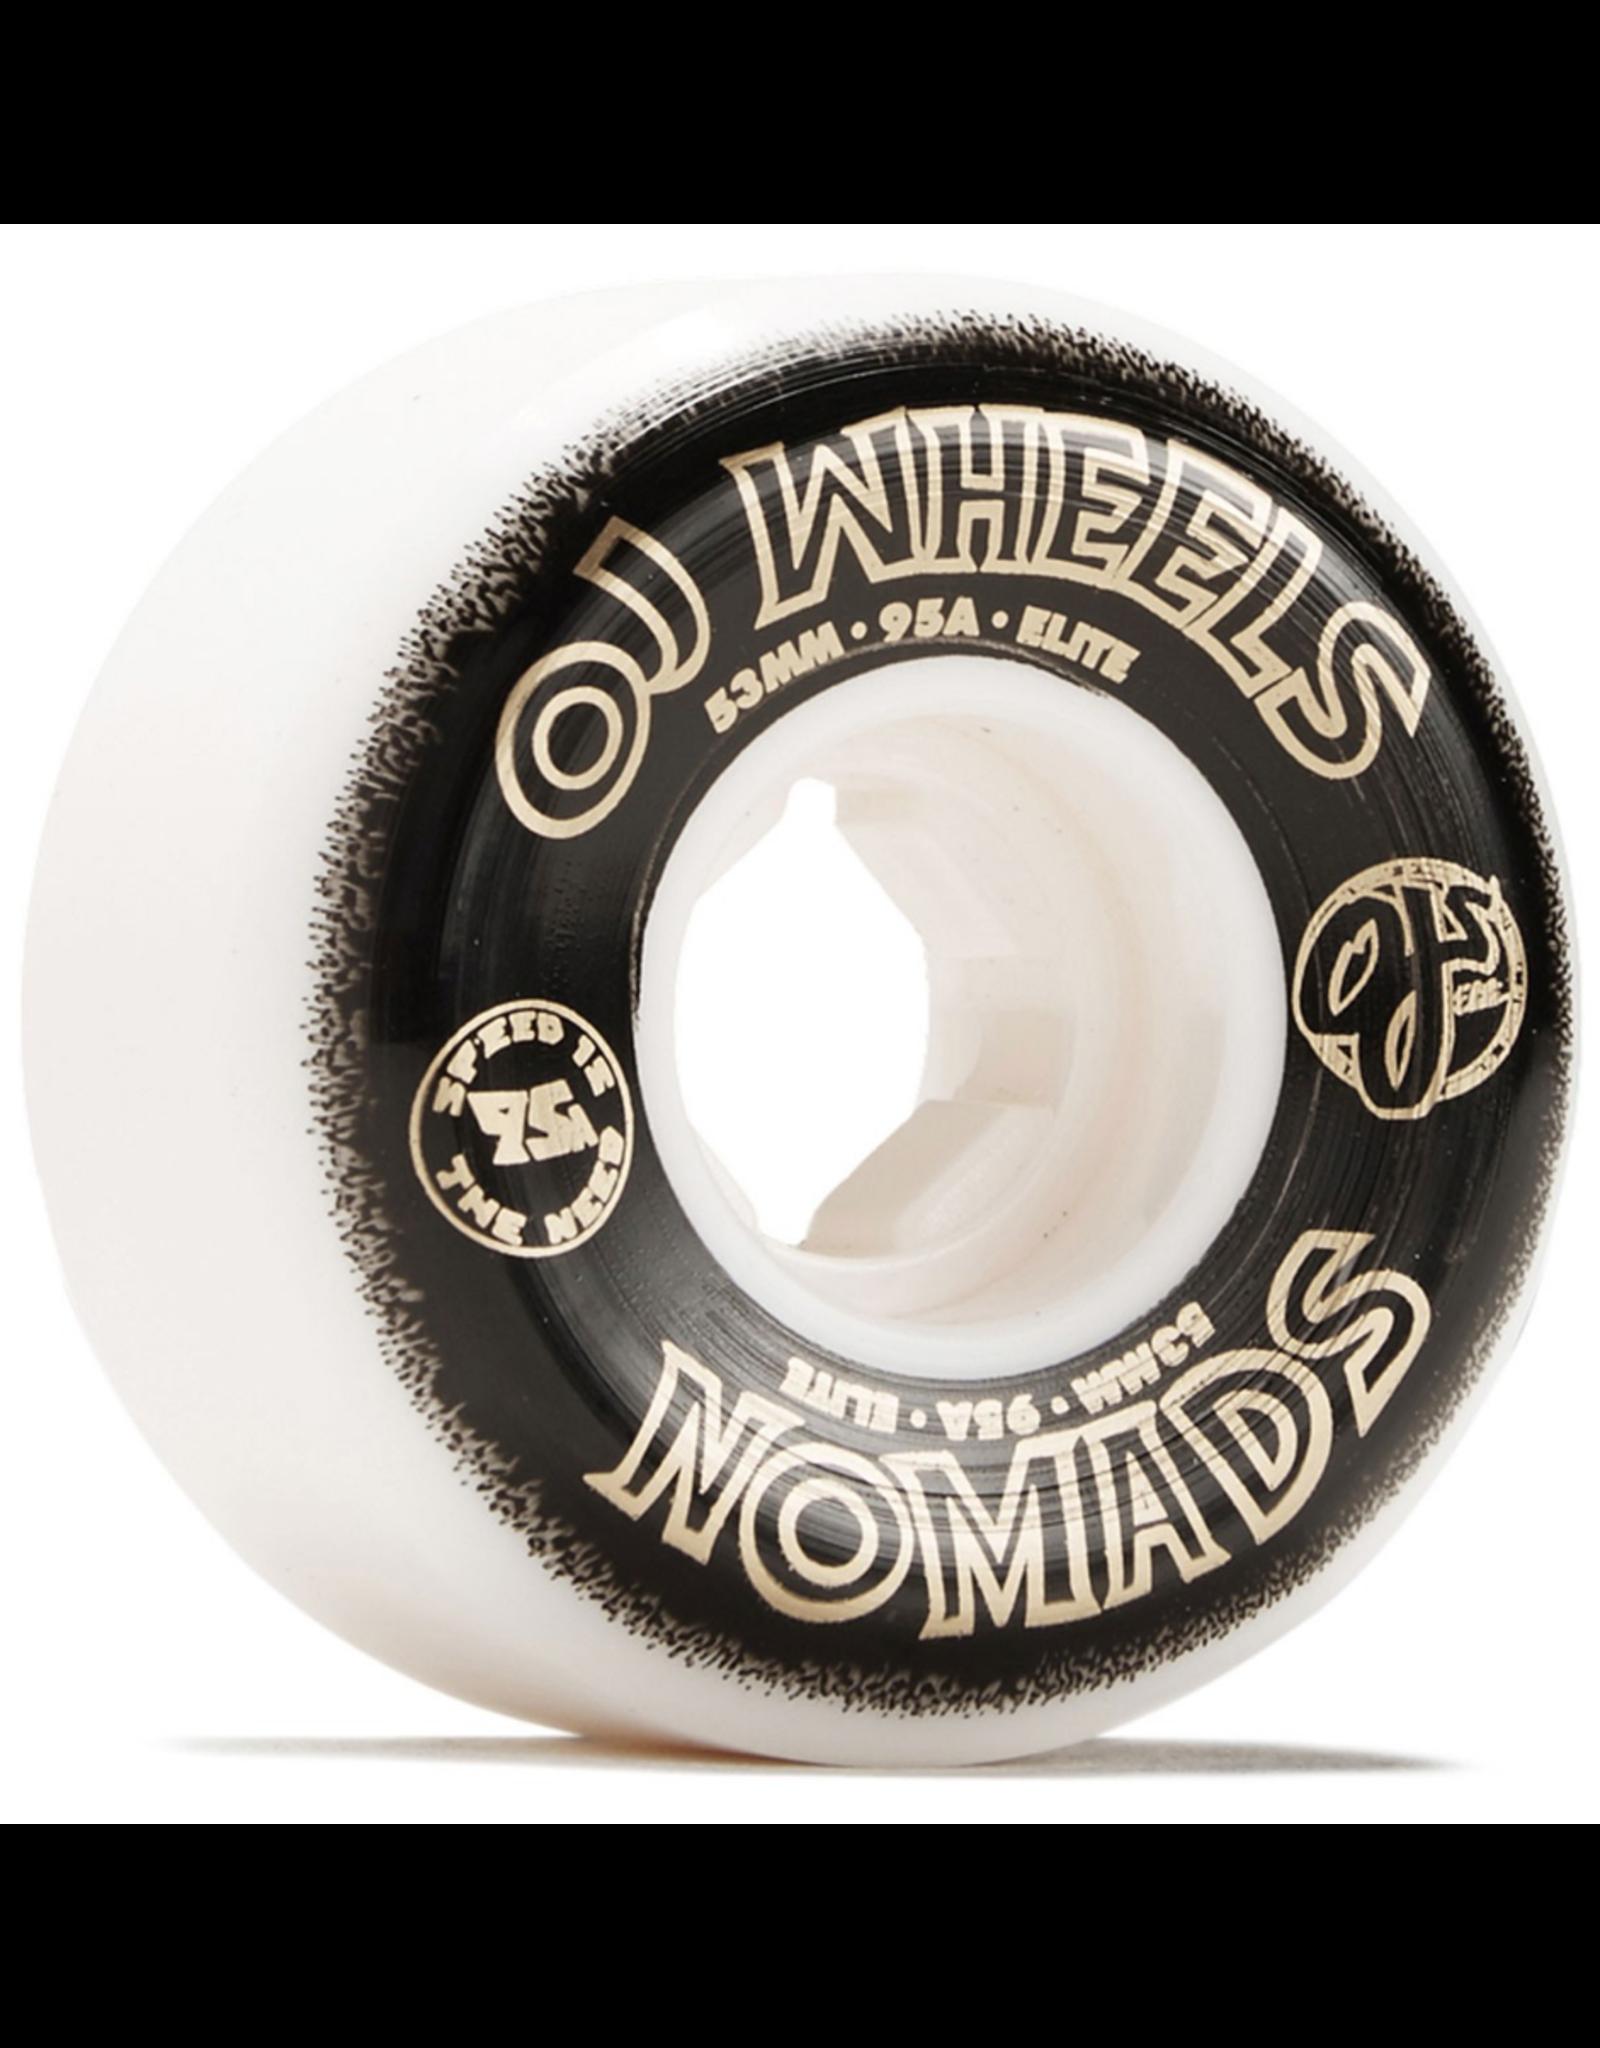 OJ Wheels Elite Nomads Wheels 95A - Various